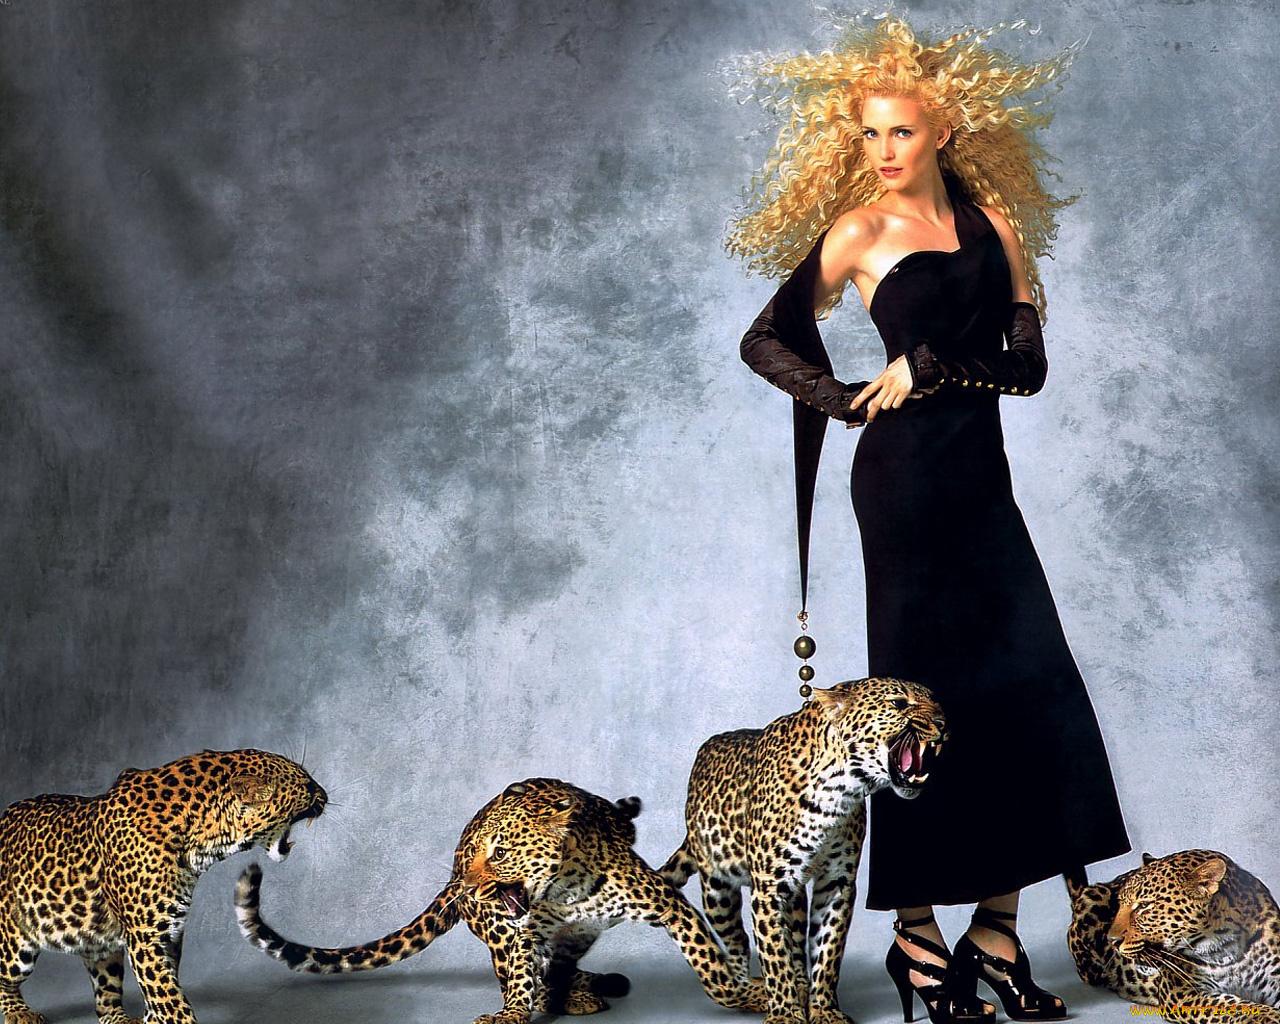 девушка с леопардом бесплатно